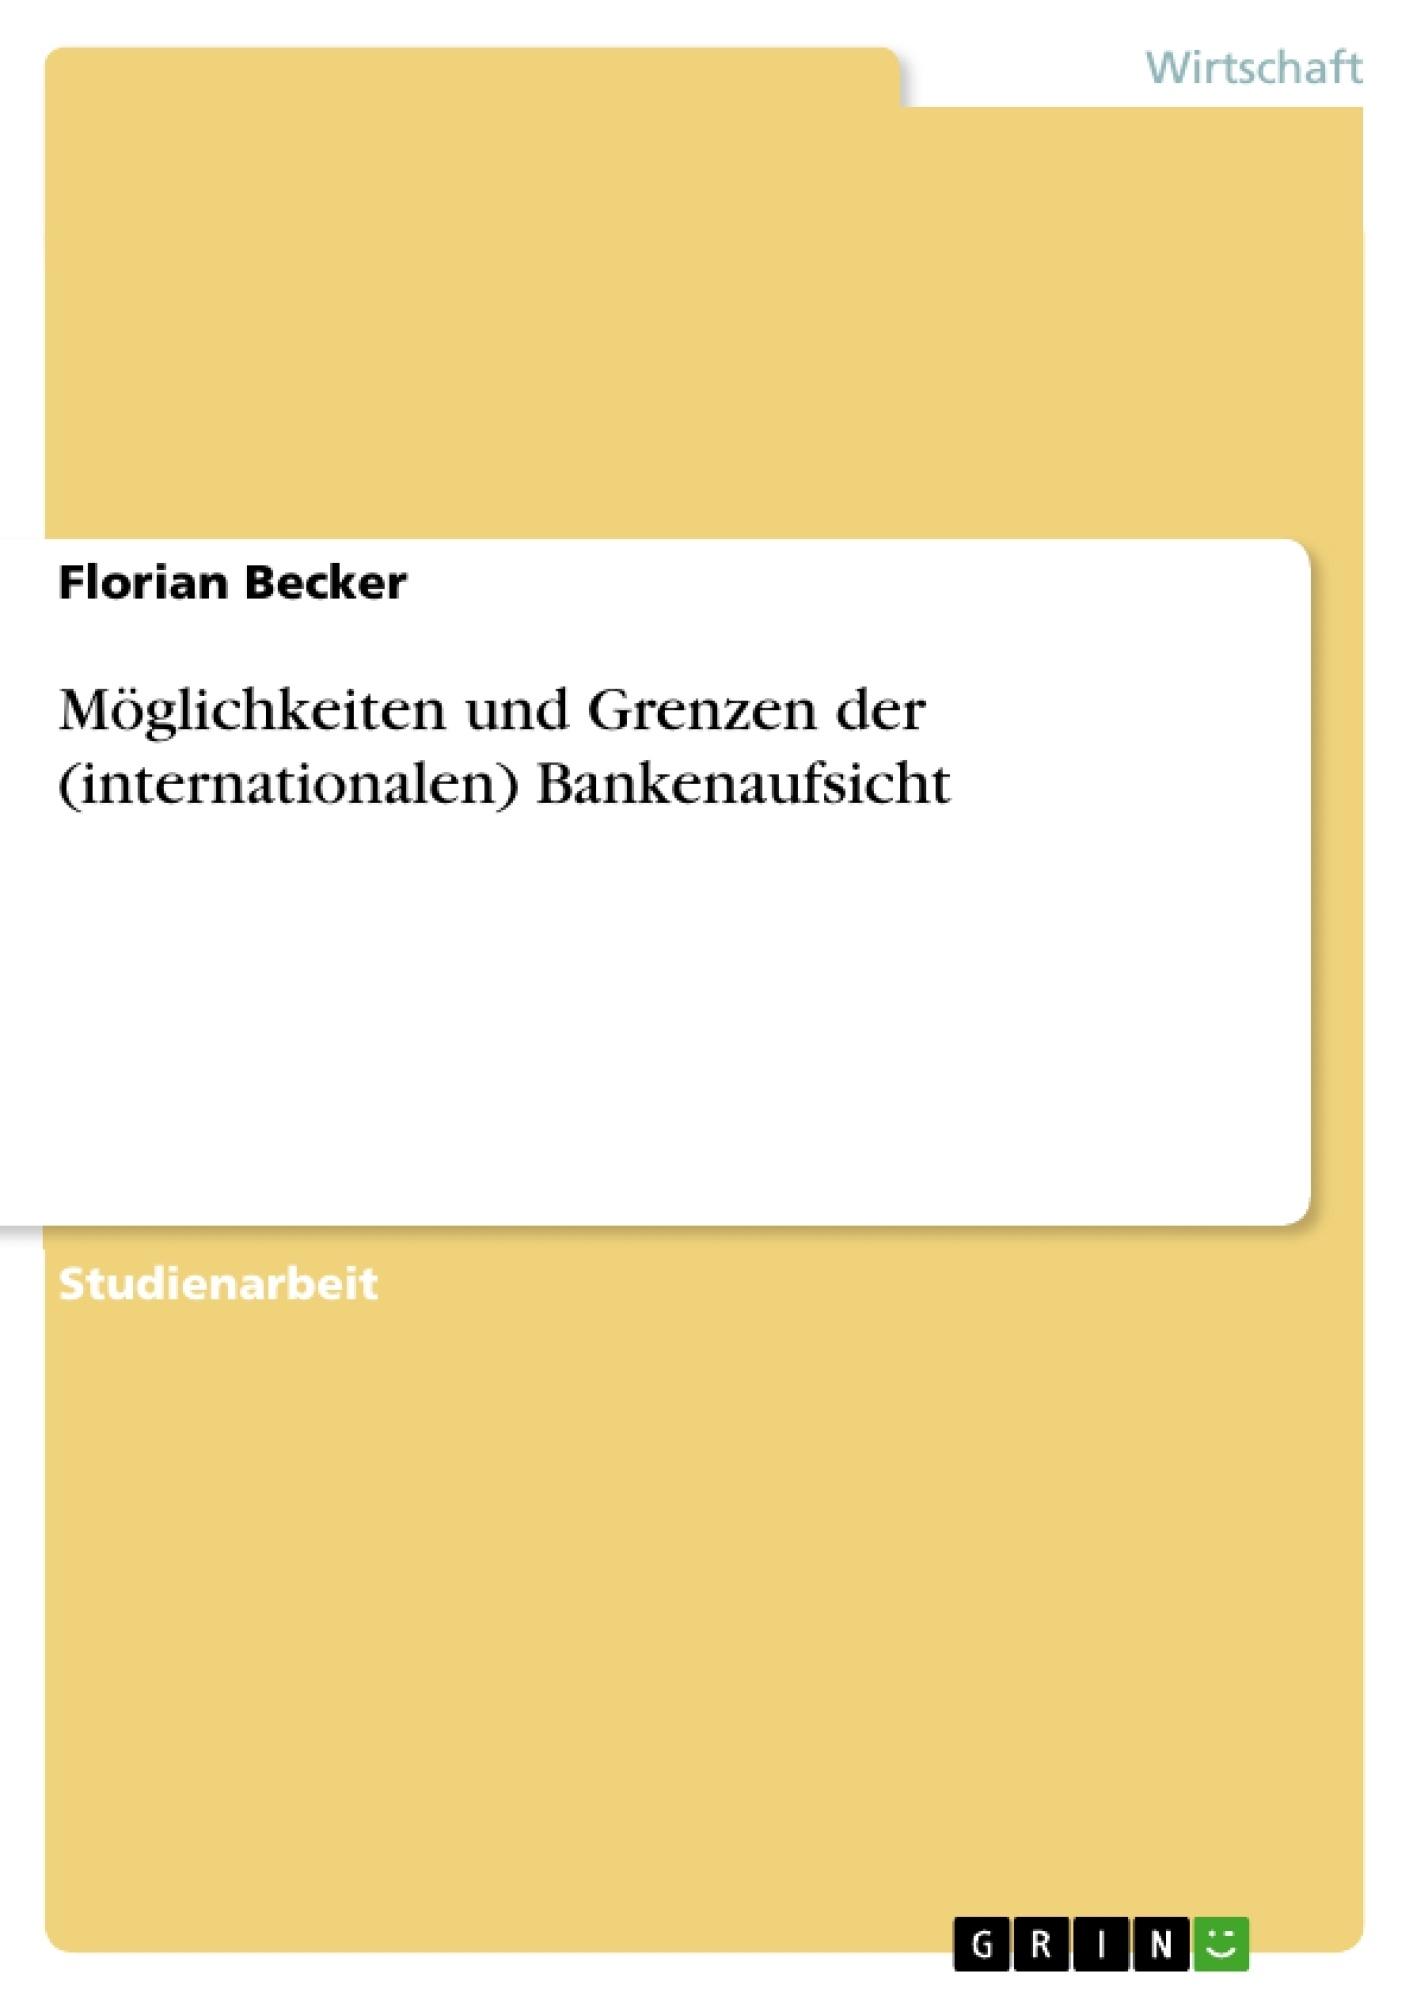 Titel: Möglichkeiten und Grenzen der (internationalen) Bankenaufsicht